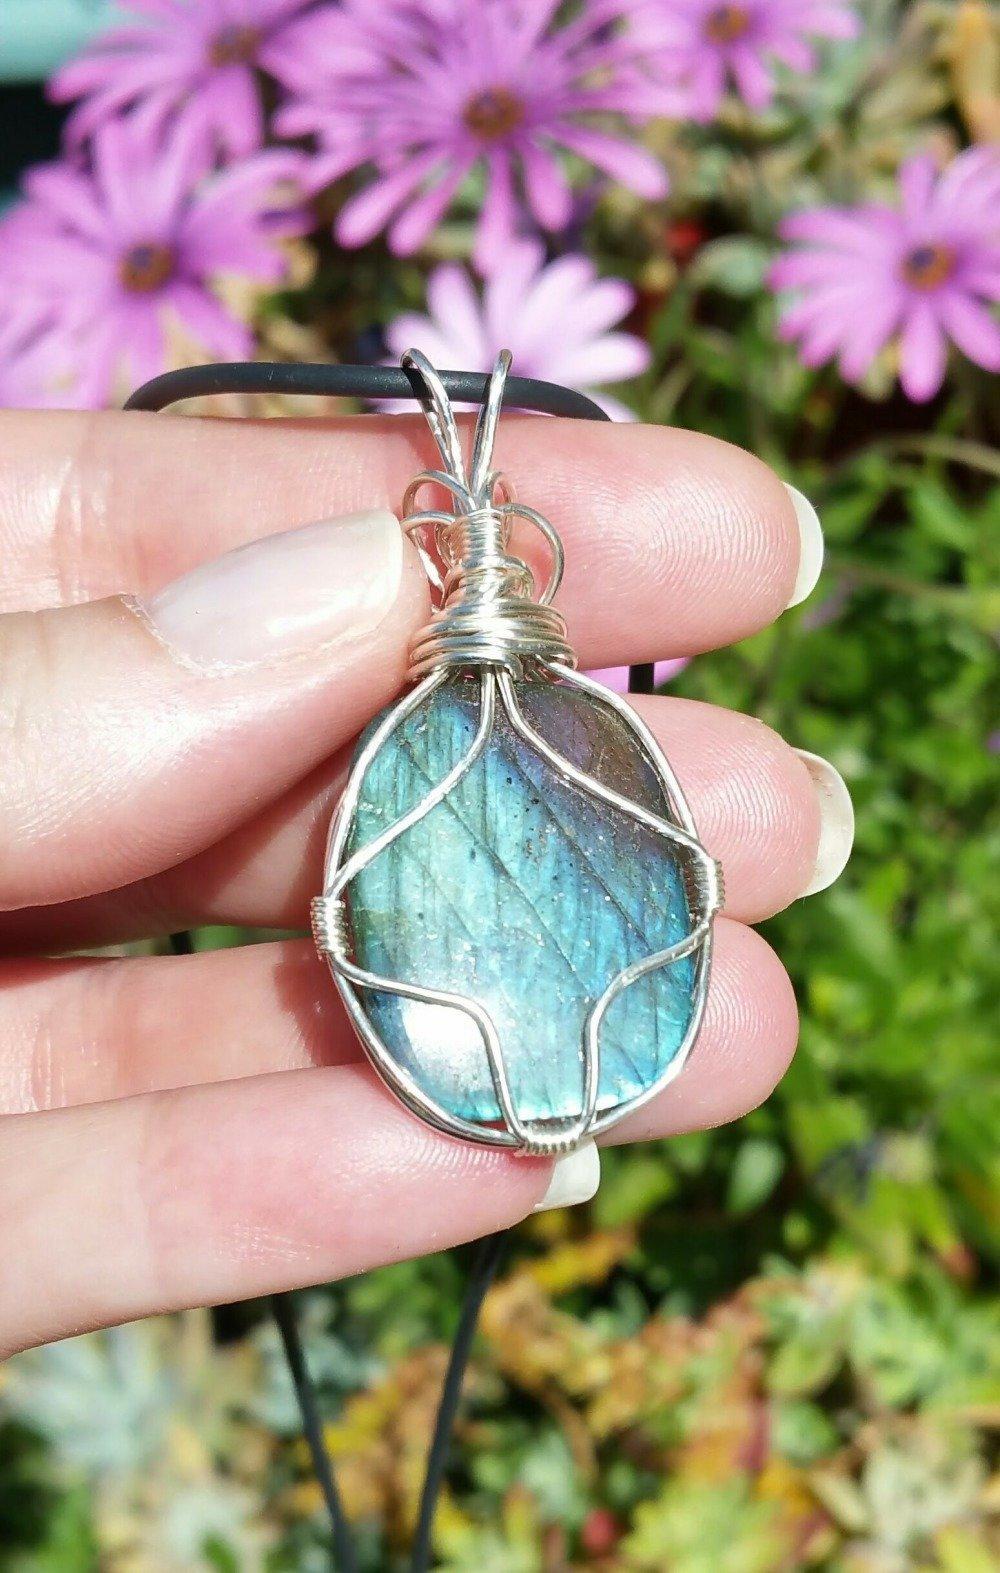 VENDU, Pendentif Labradorite bleue - Collier labradorite bleue - Argent massif 950 - pierre fine protectrice - qualité AAA +